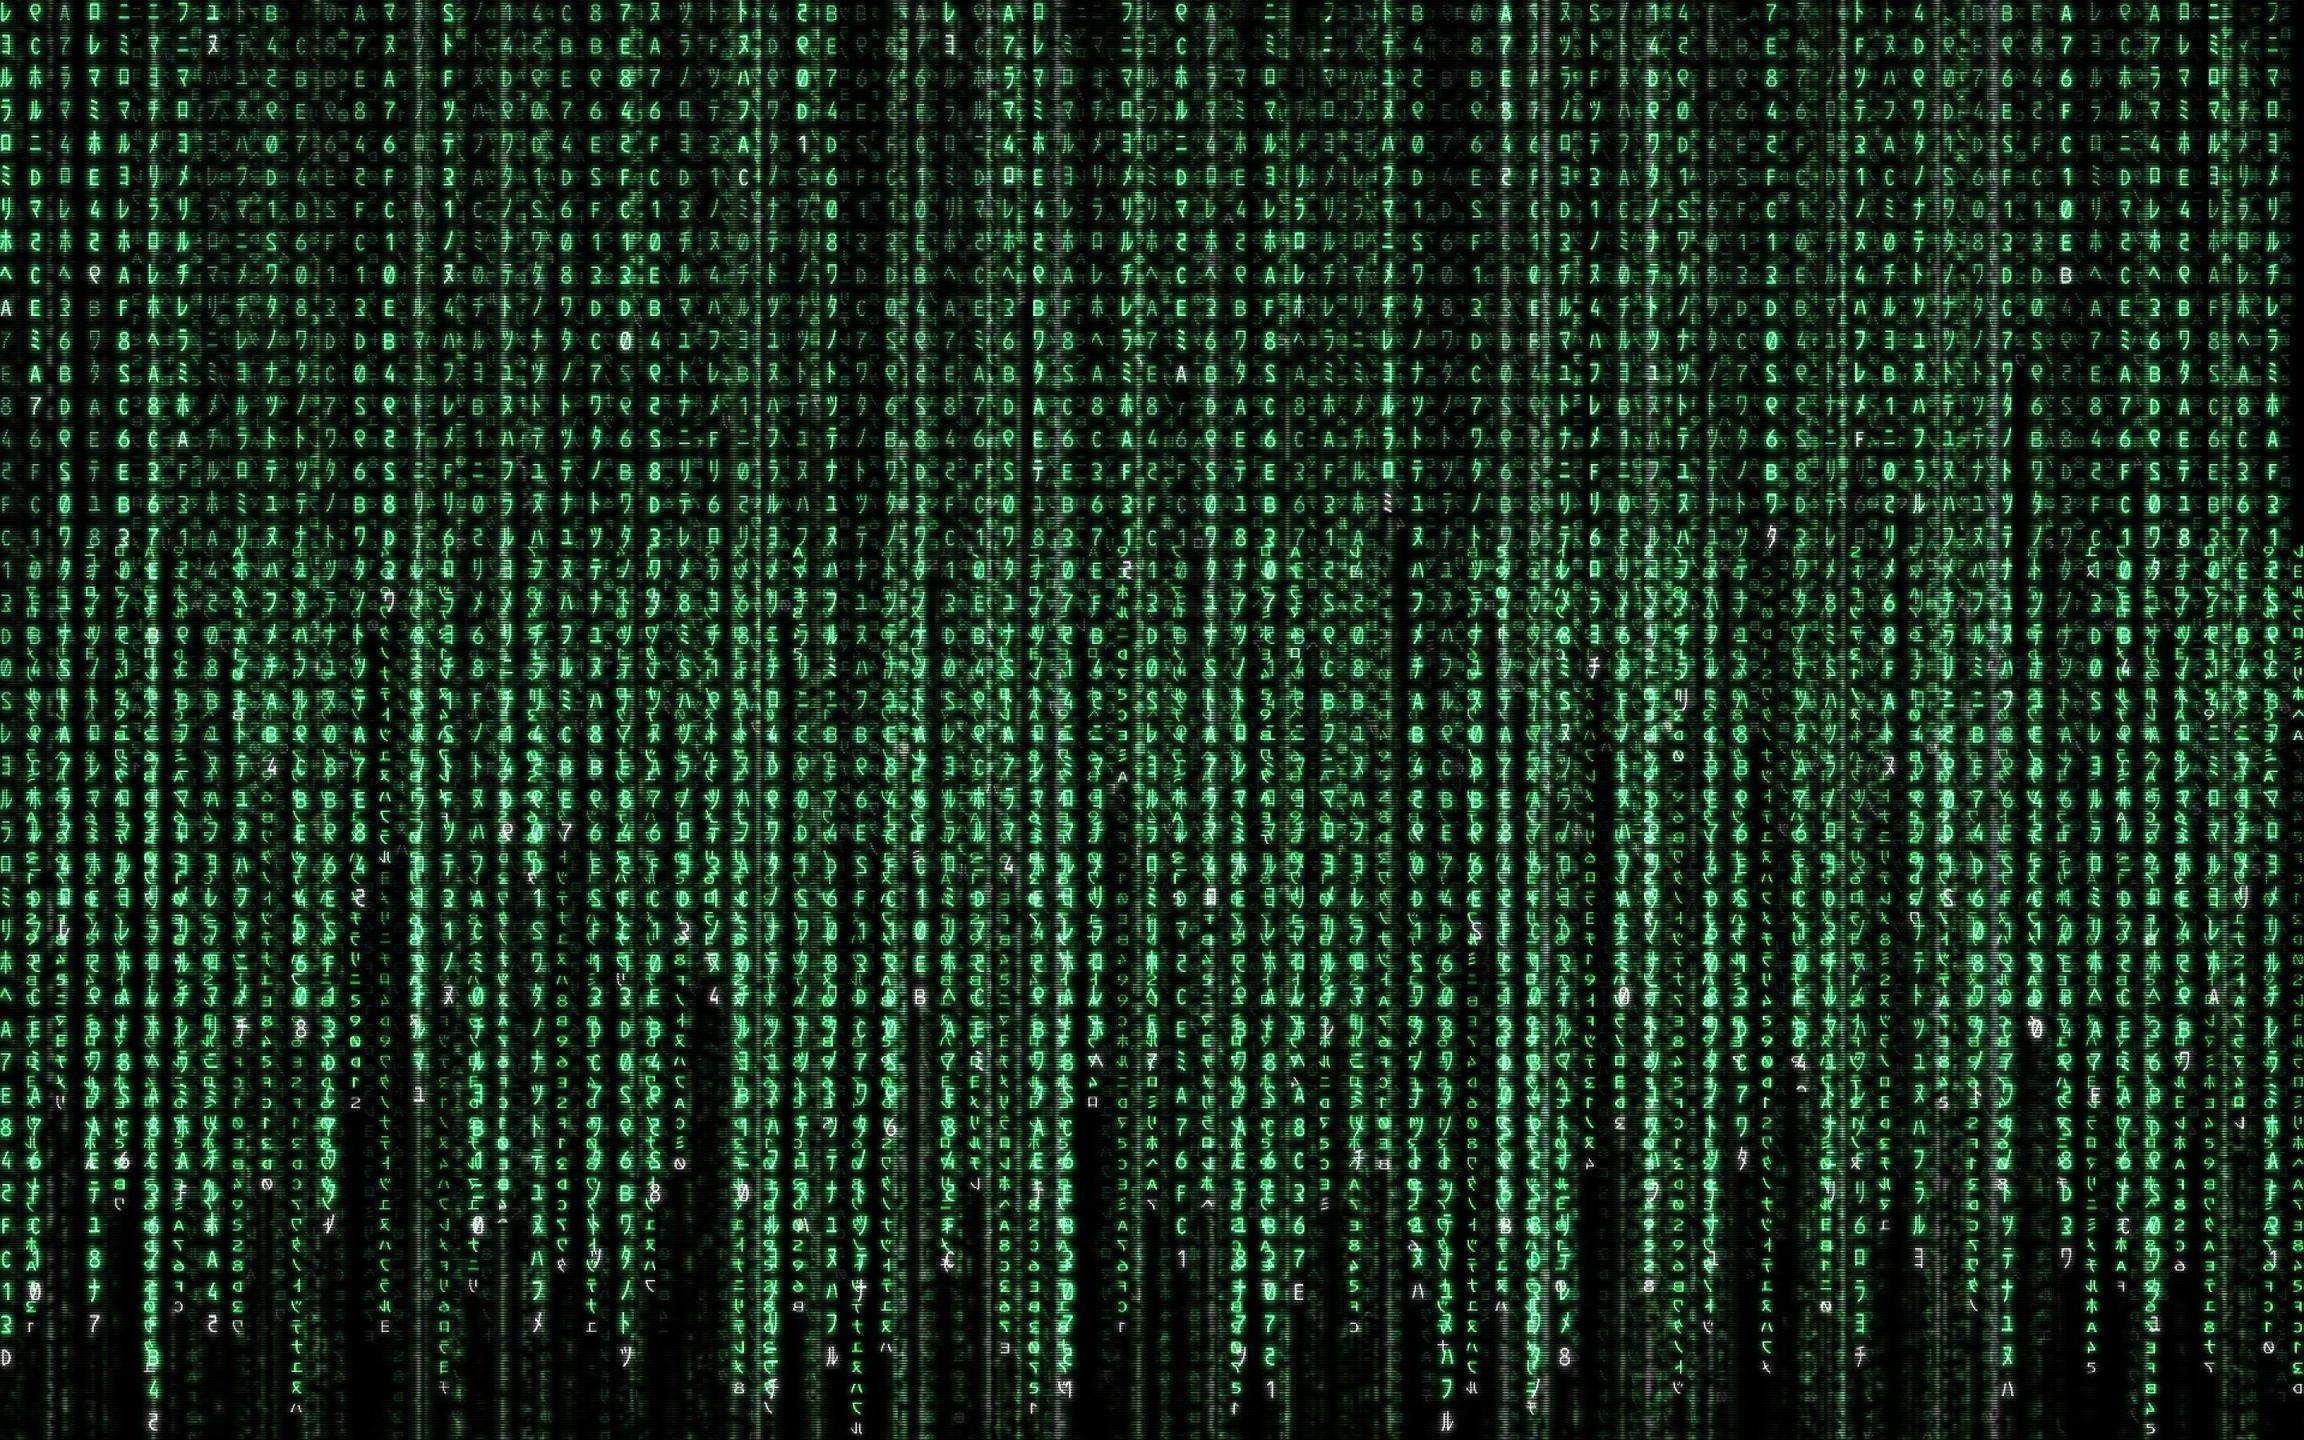 Code hacker wallpaper computer wallpaper, Code hacker wallpaper 2304×1440 Cool Hacker Wallpapers (32 Wallpapers) | Adorable Wallpapers